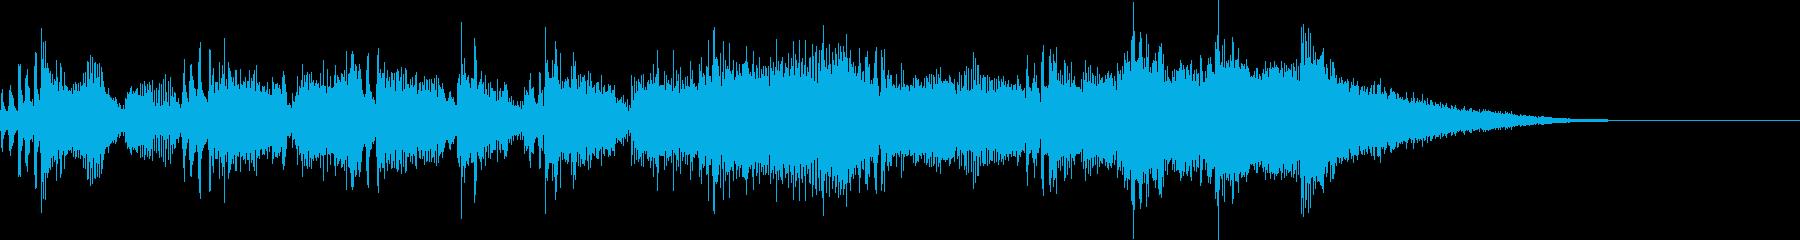 元気で明るいファンファーレの再生済みの波形